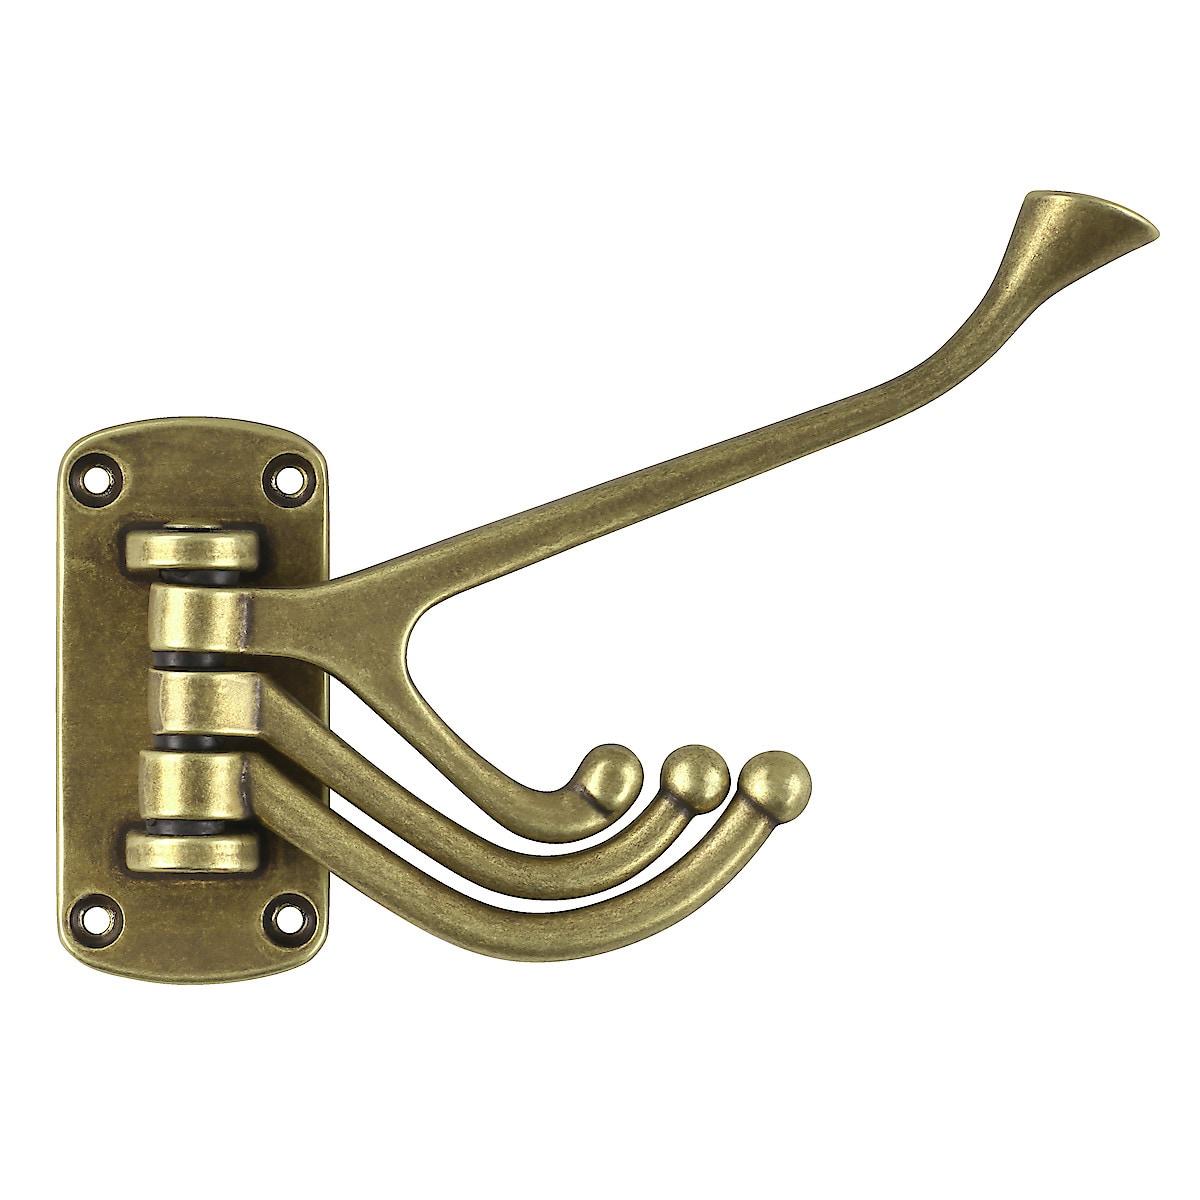 Krok, antik guld